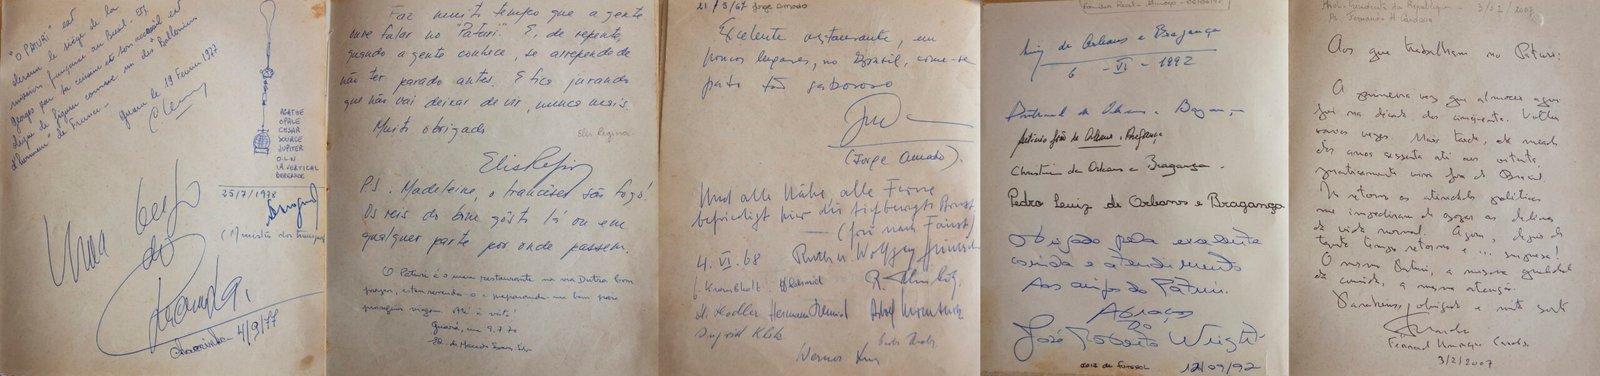 Detalhe do Livro de Ouro do Hotel e restaurante francês O Paturi